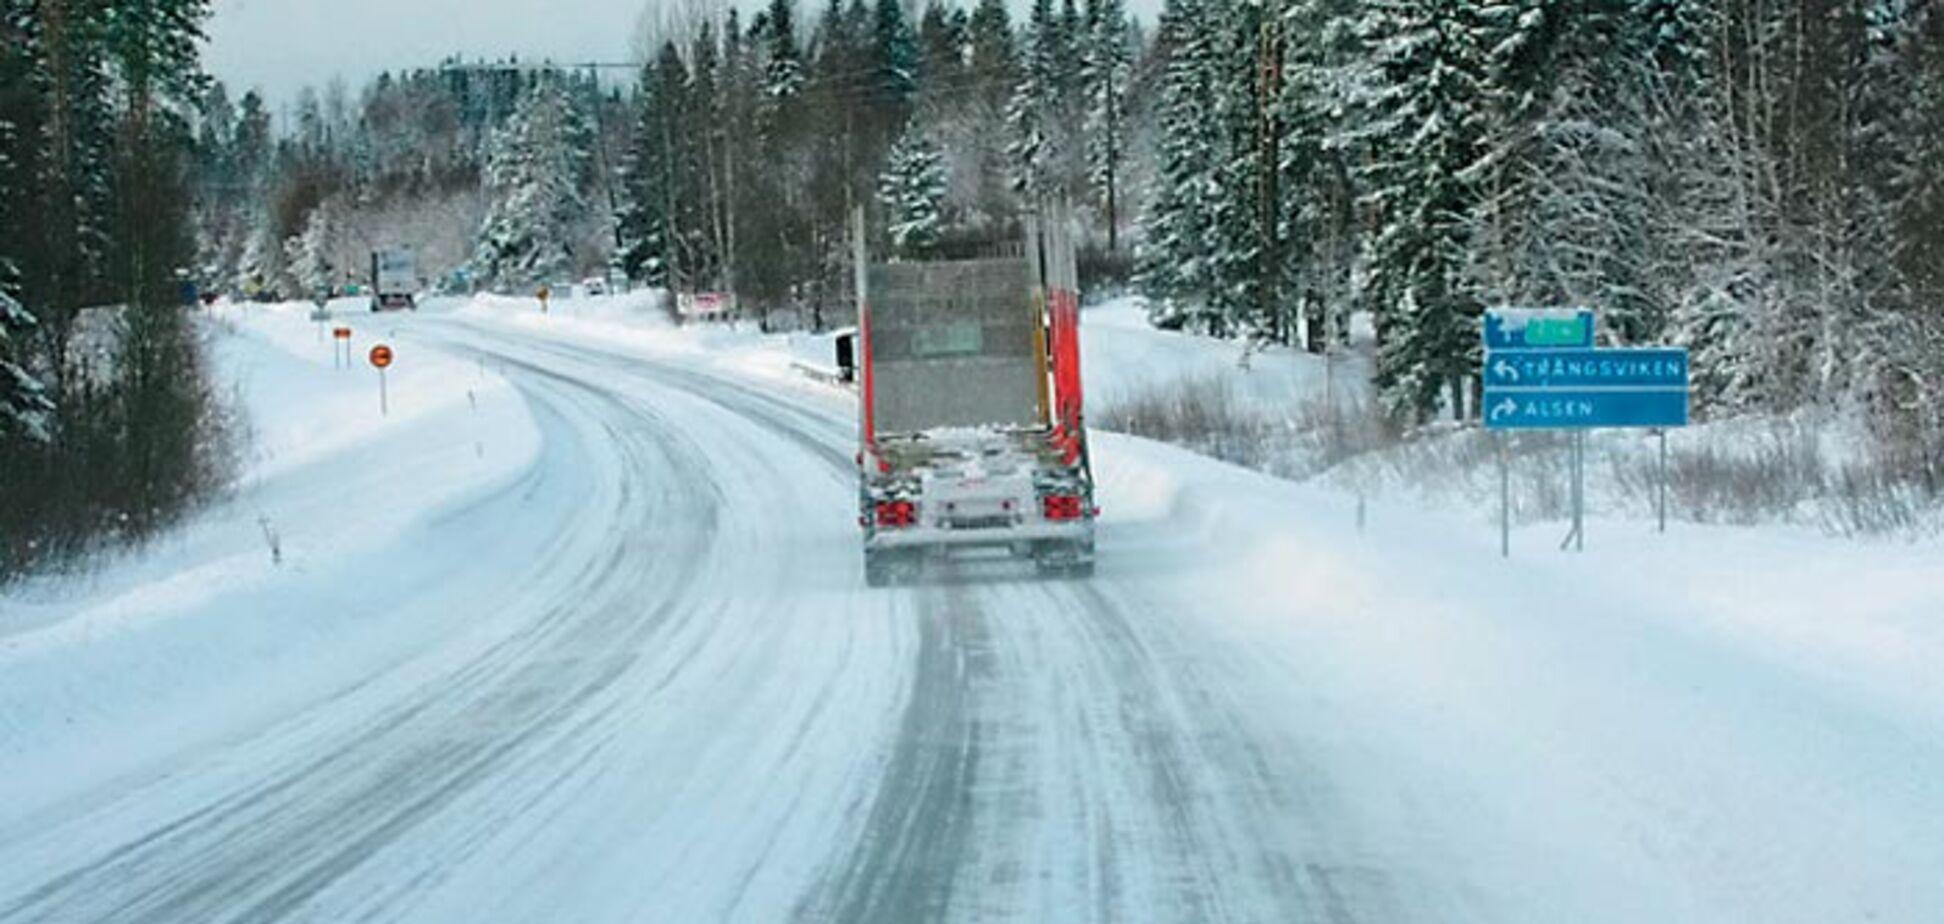 Асфальт на сніг: в мережі показали, як роблять дорогу в Україні